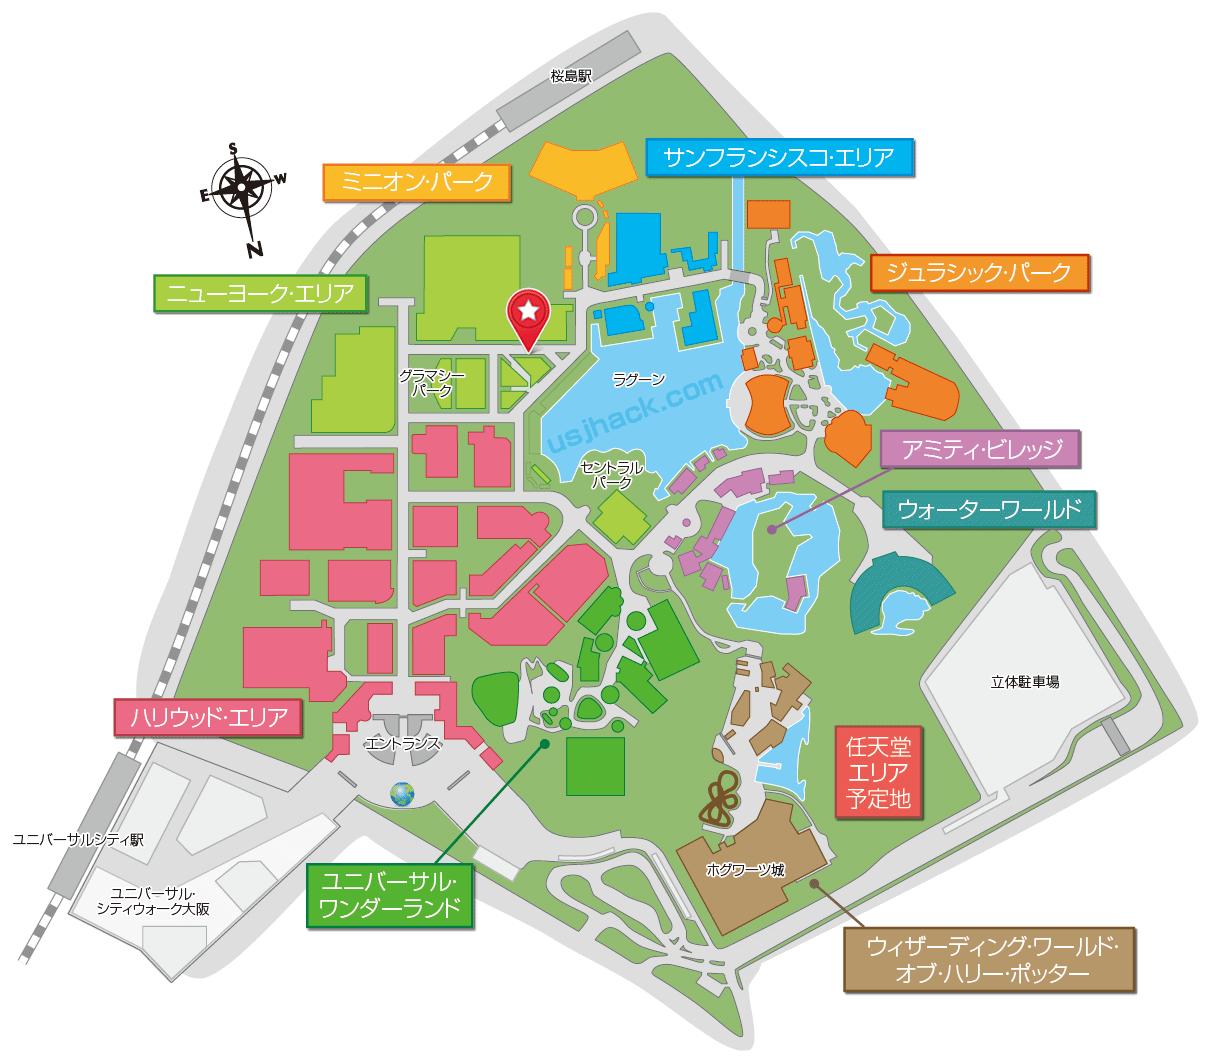 マップで確認するイーストミーツウエストカルテットの開催場所